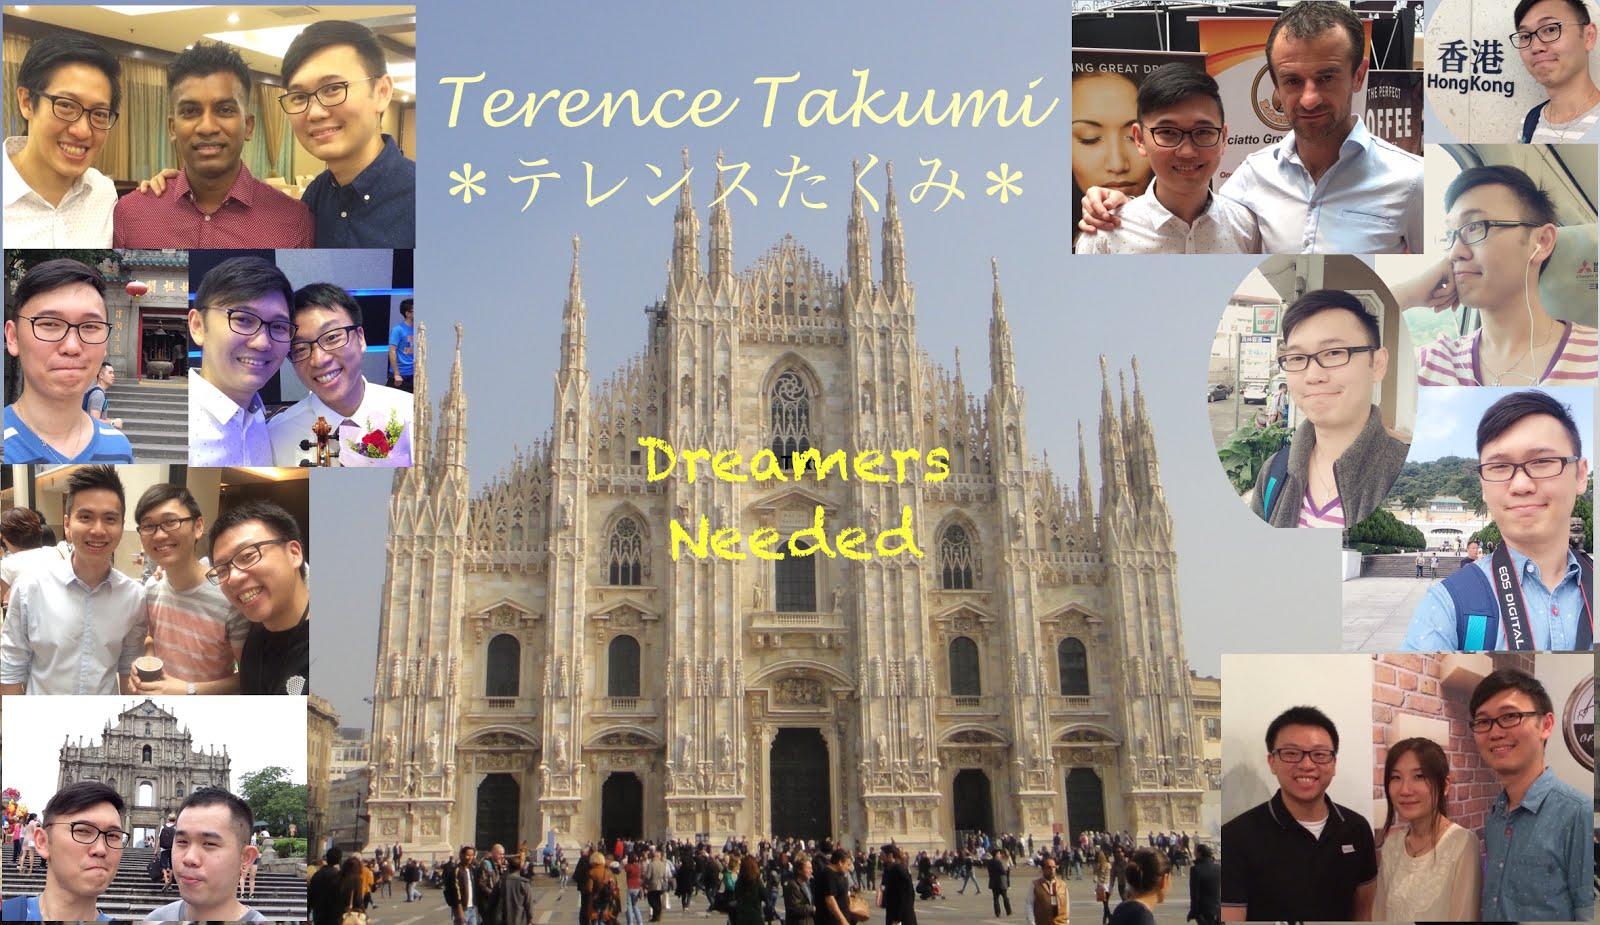 Terence Takumi~私はテレンス巧みです®